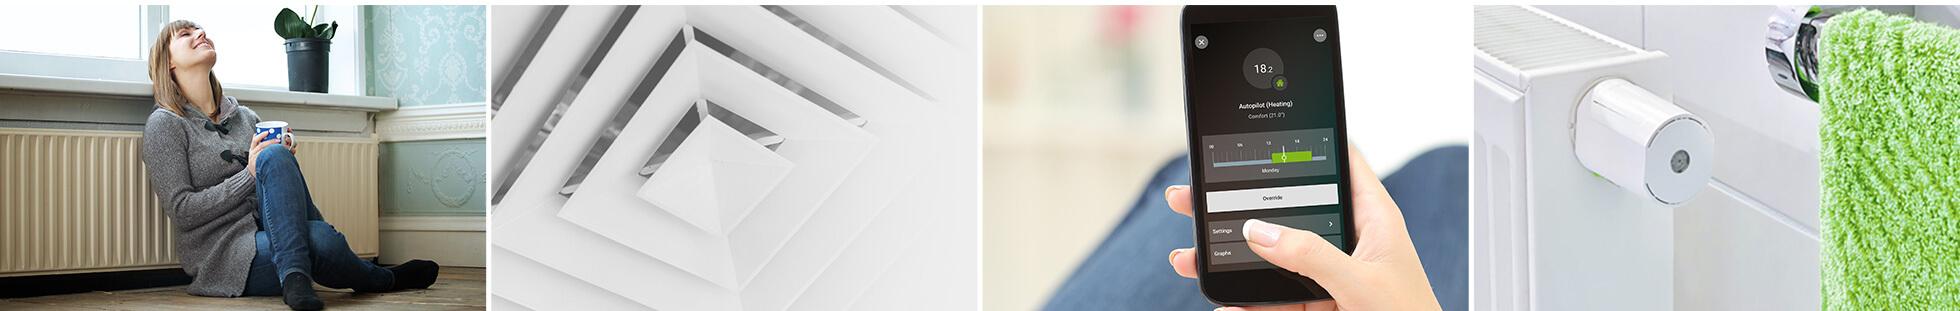 Heizungssteuerung im Smart Home - Collage mit Beispielen